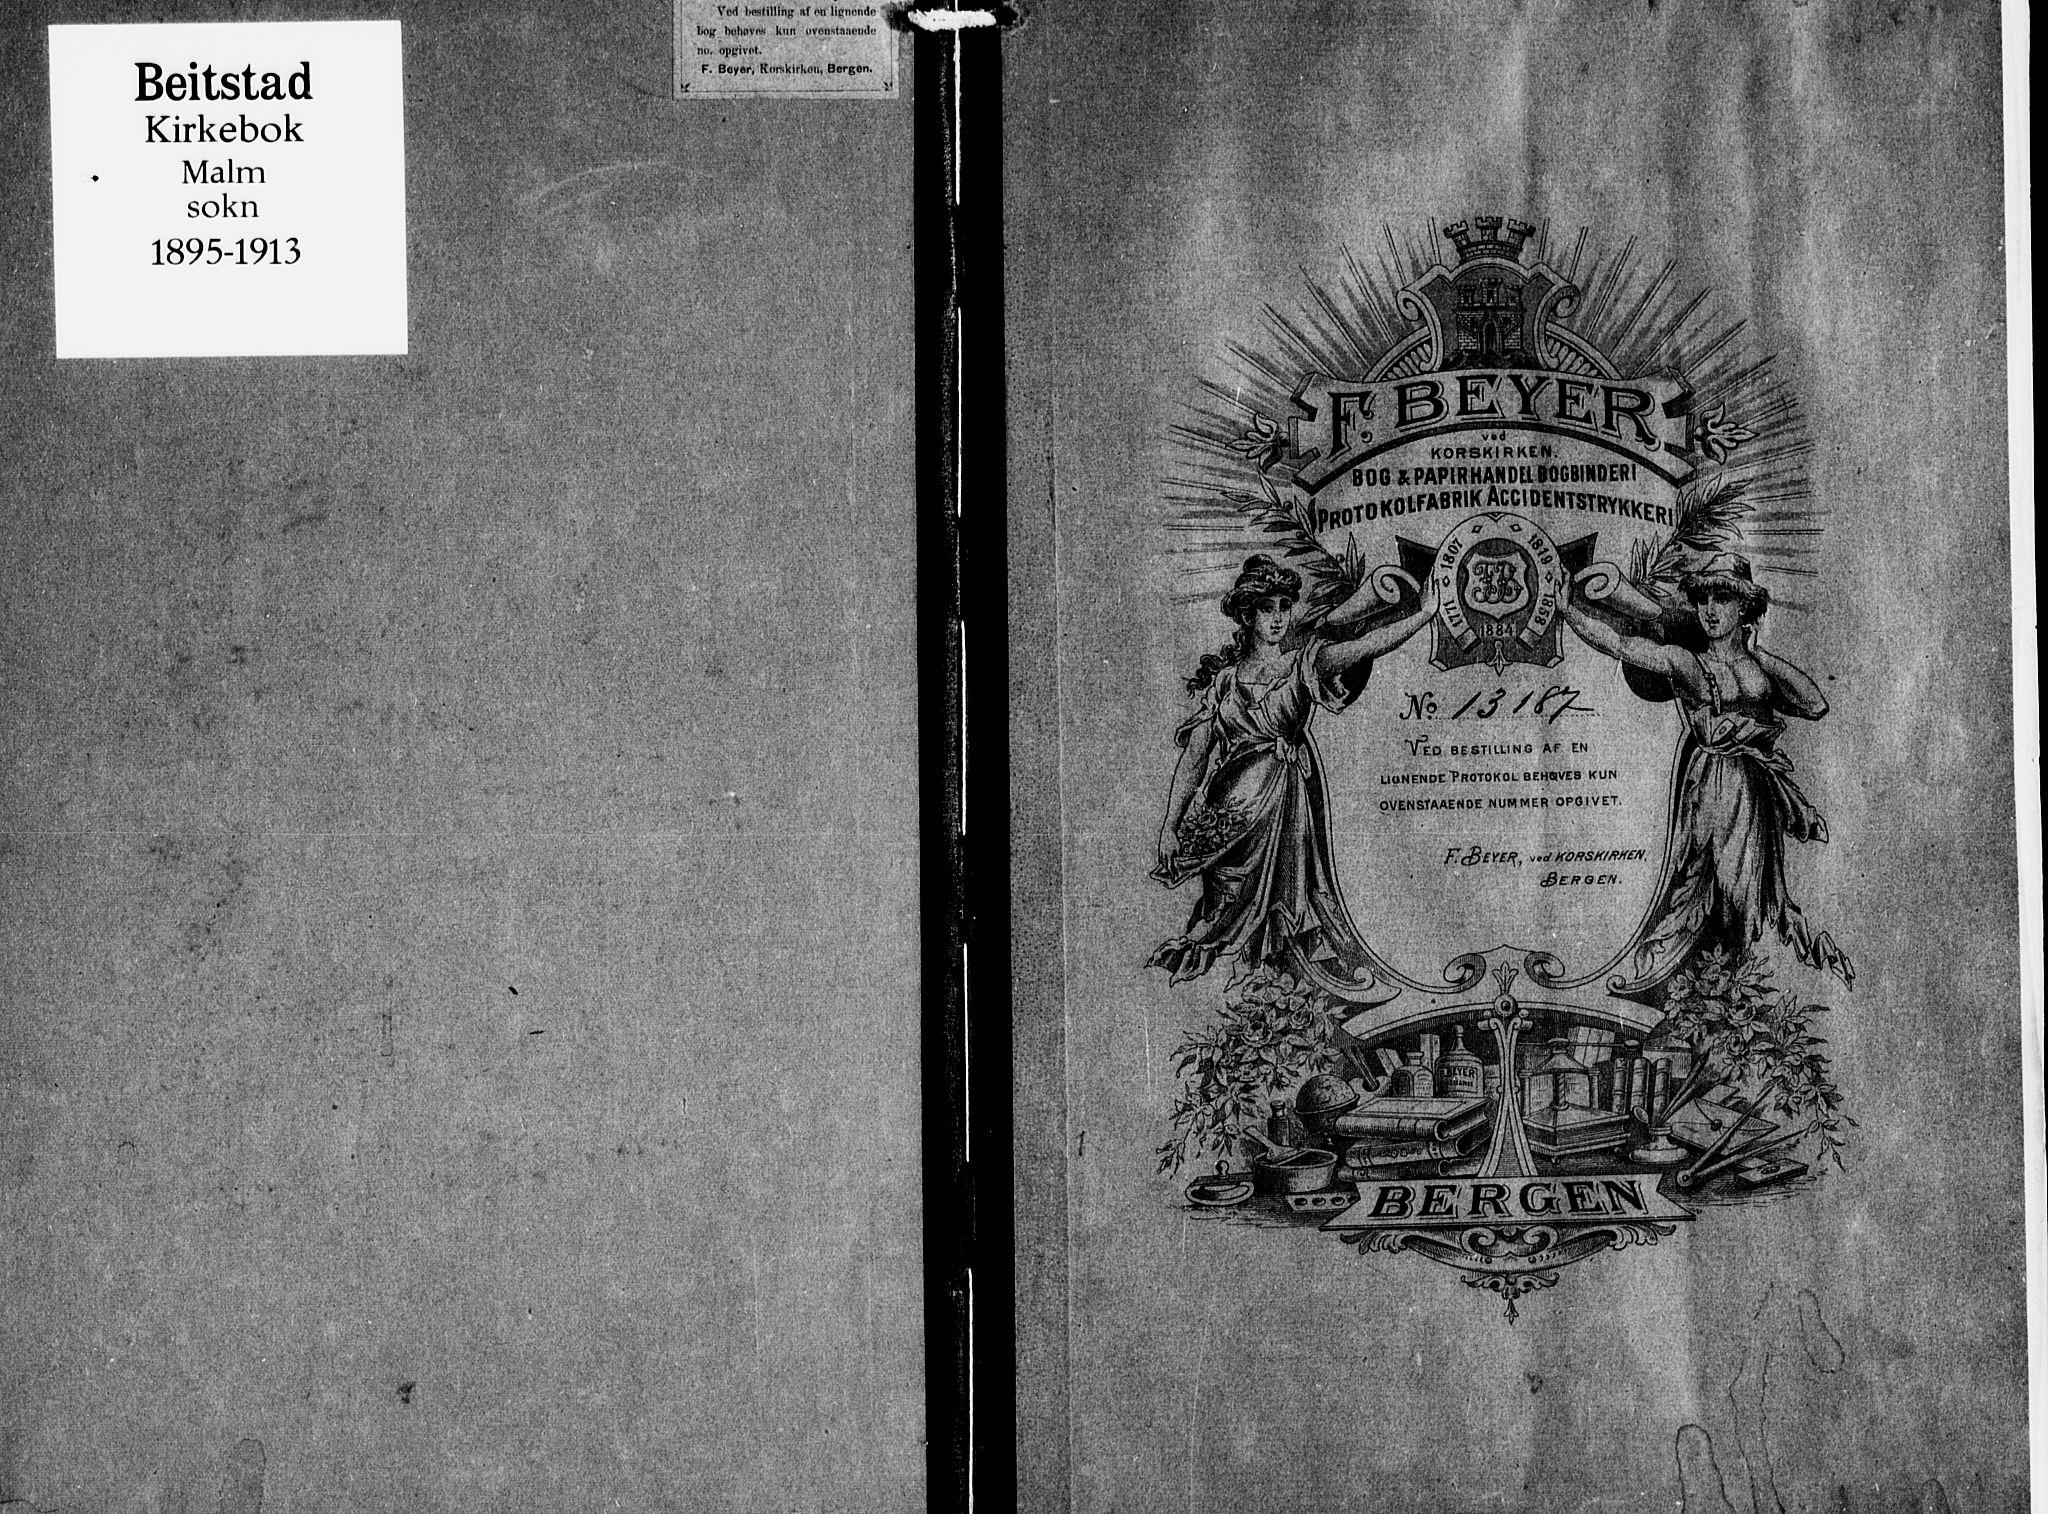 SAT, Ministerialprotokoller, klokkerbøker og fødselsregistre - Nord-Trøndelag, 745/L0430: Ministerialbok nr. 745A02, 1895-1913